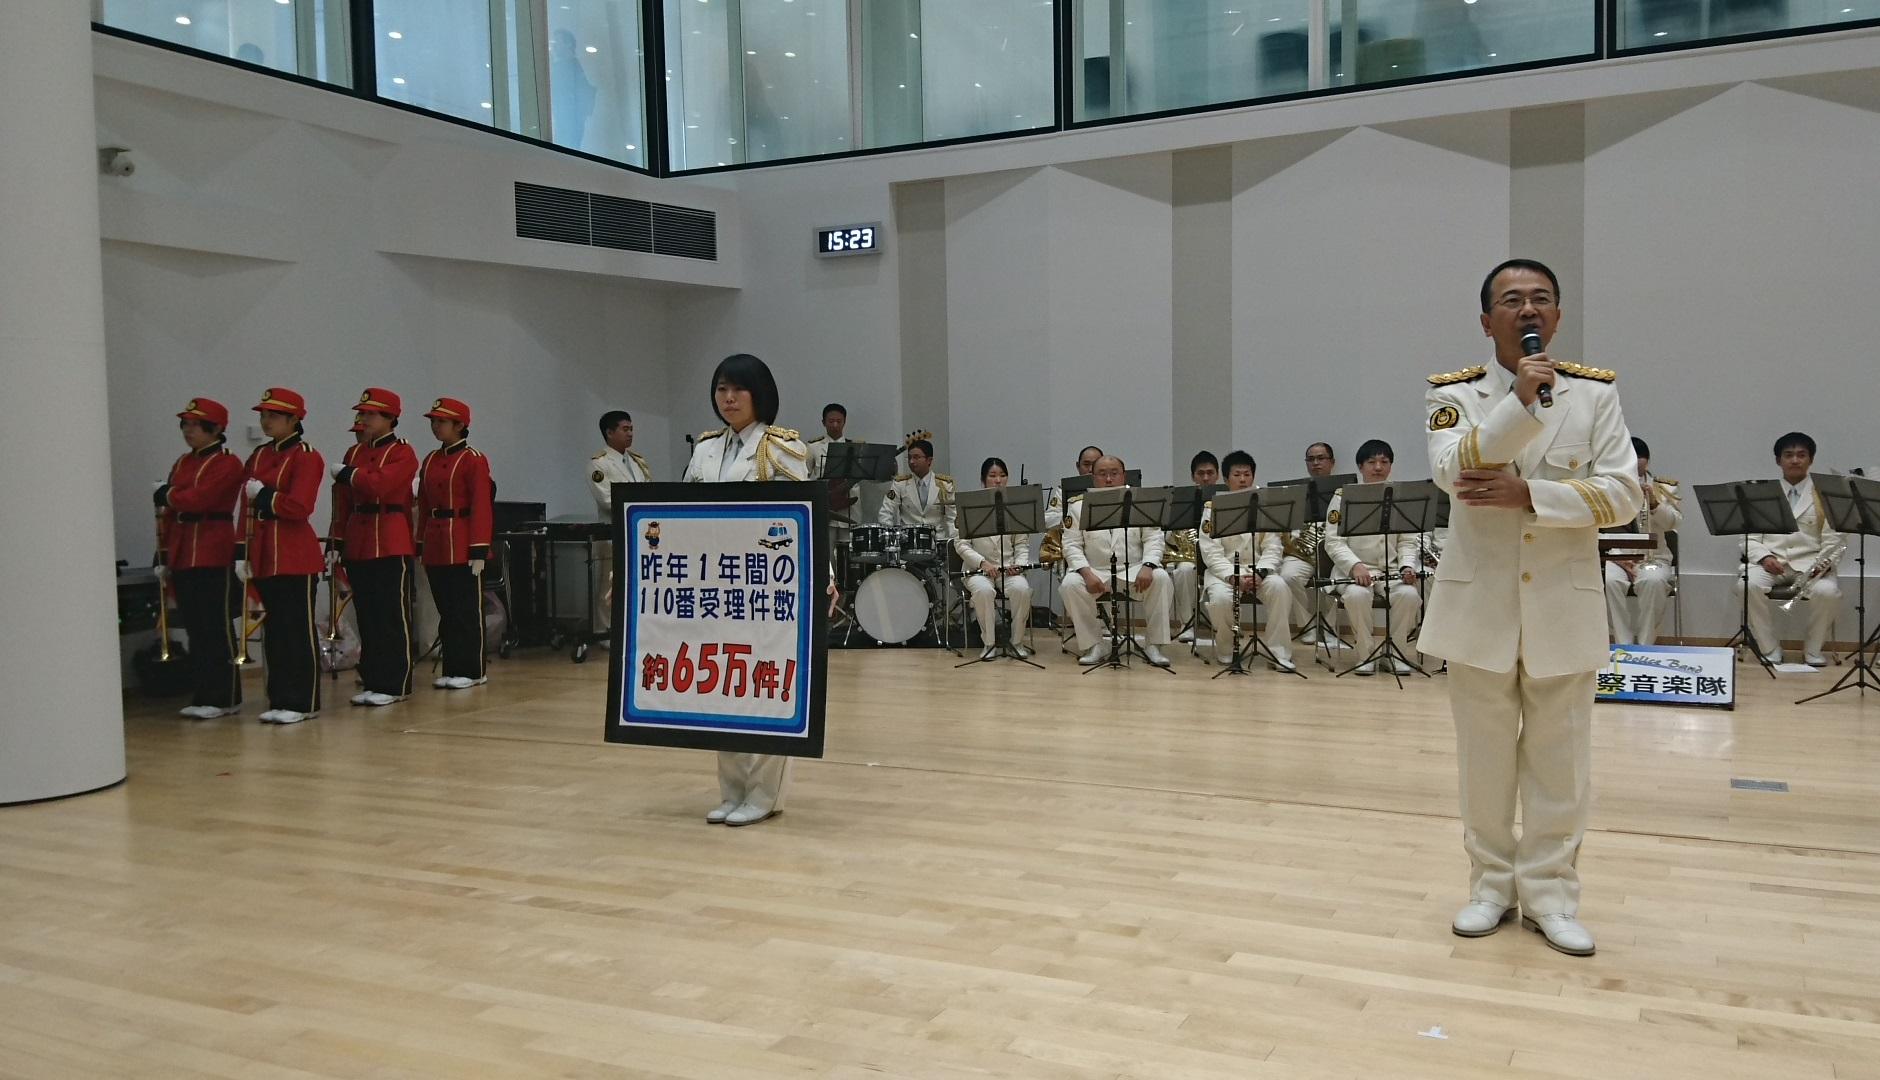 2018.1.7 あんぜんあんしんフェス (24) 愛知県警察音楽隊 1880-1080